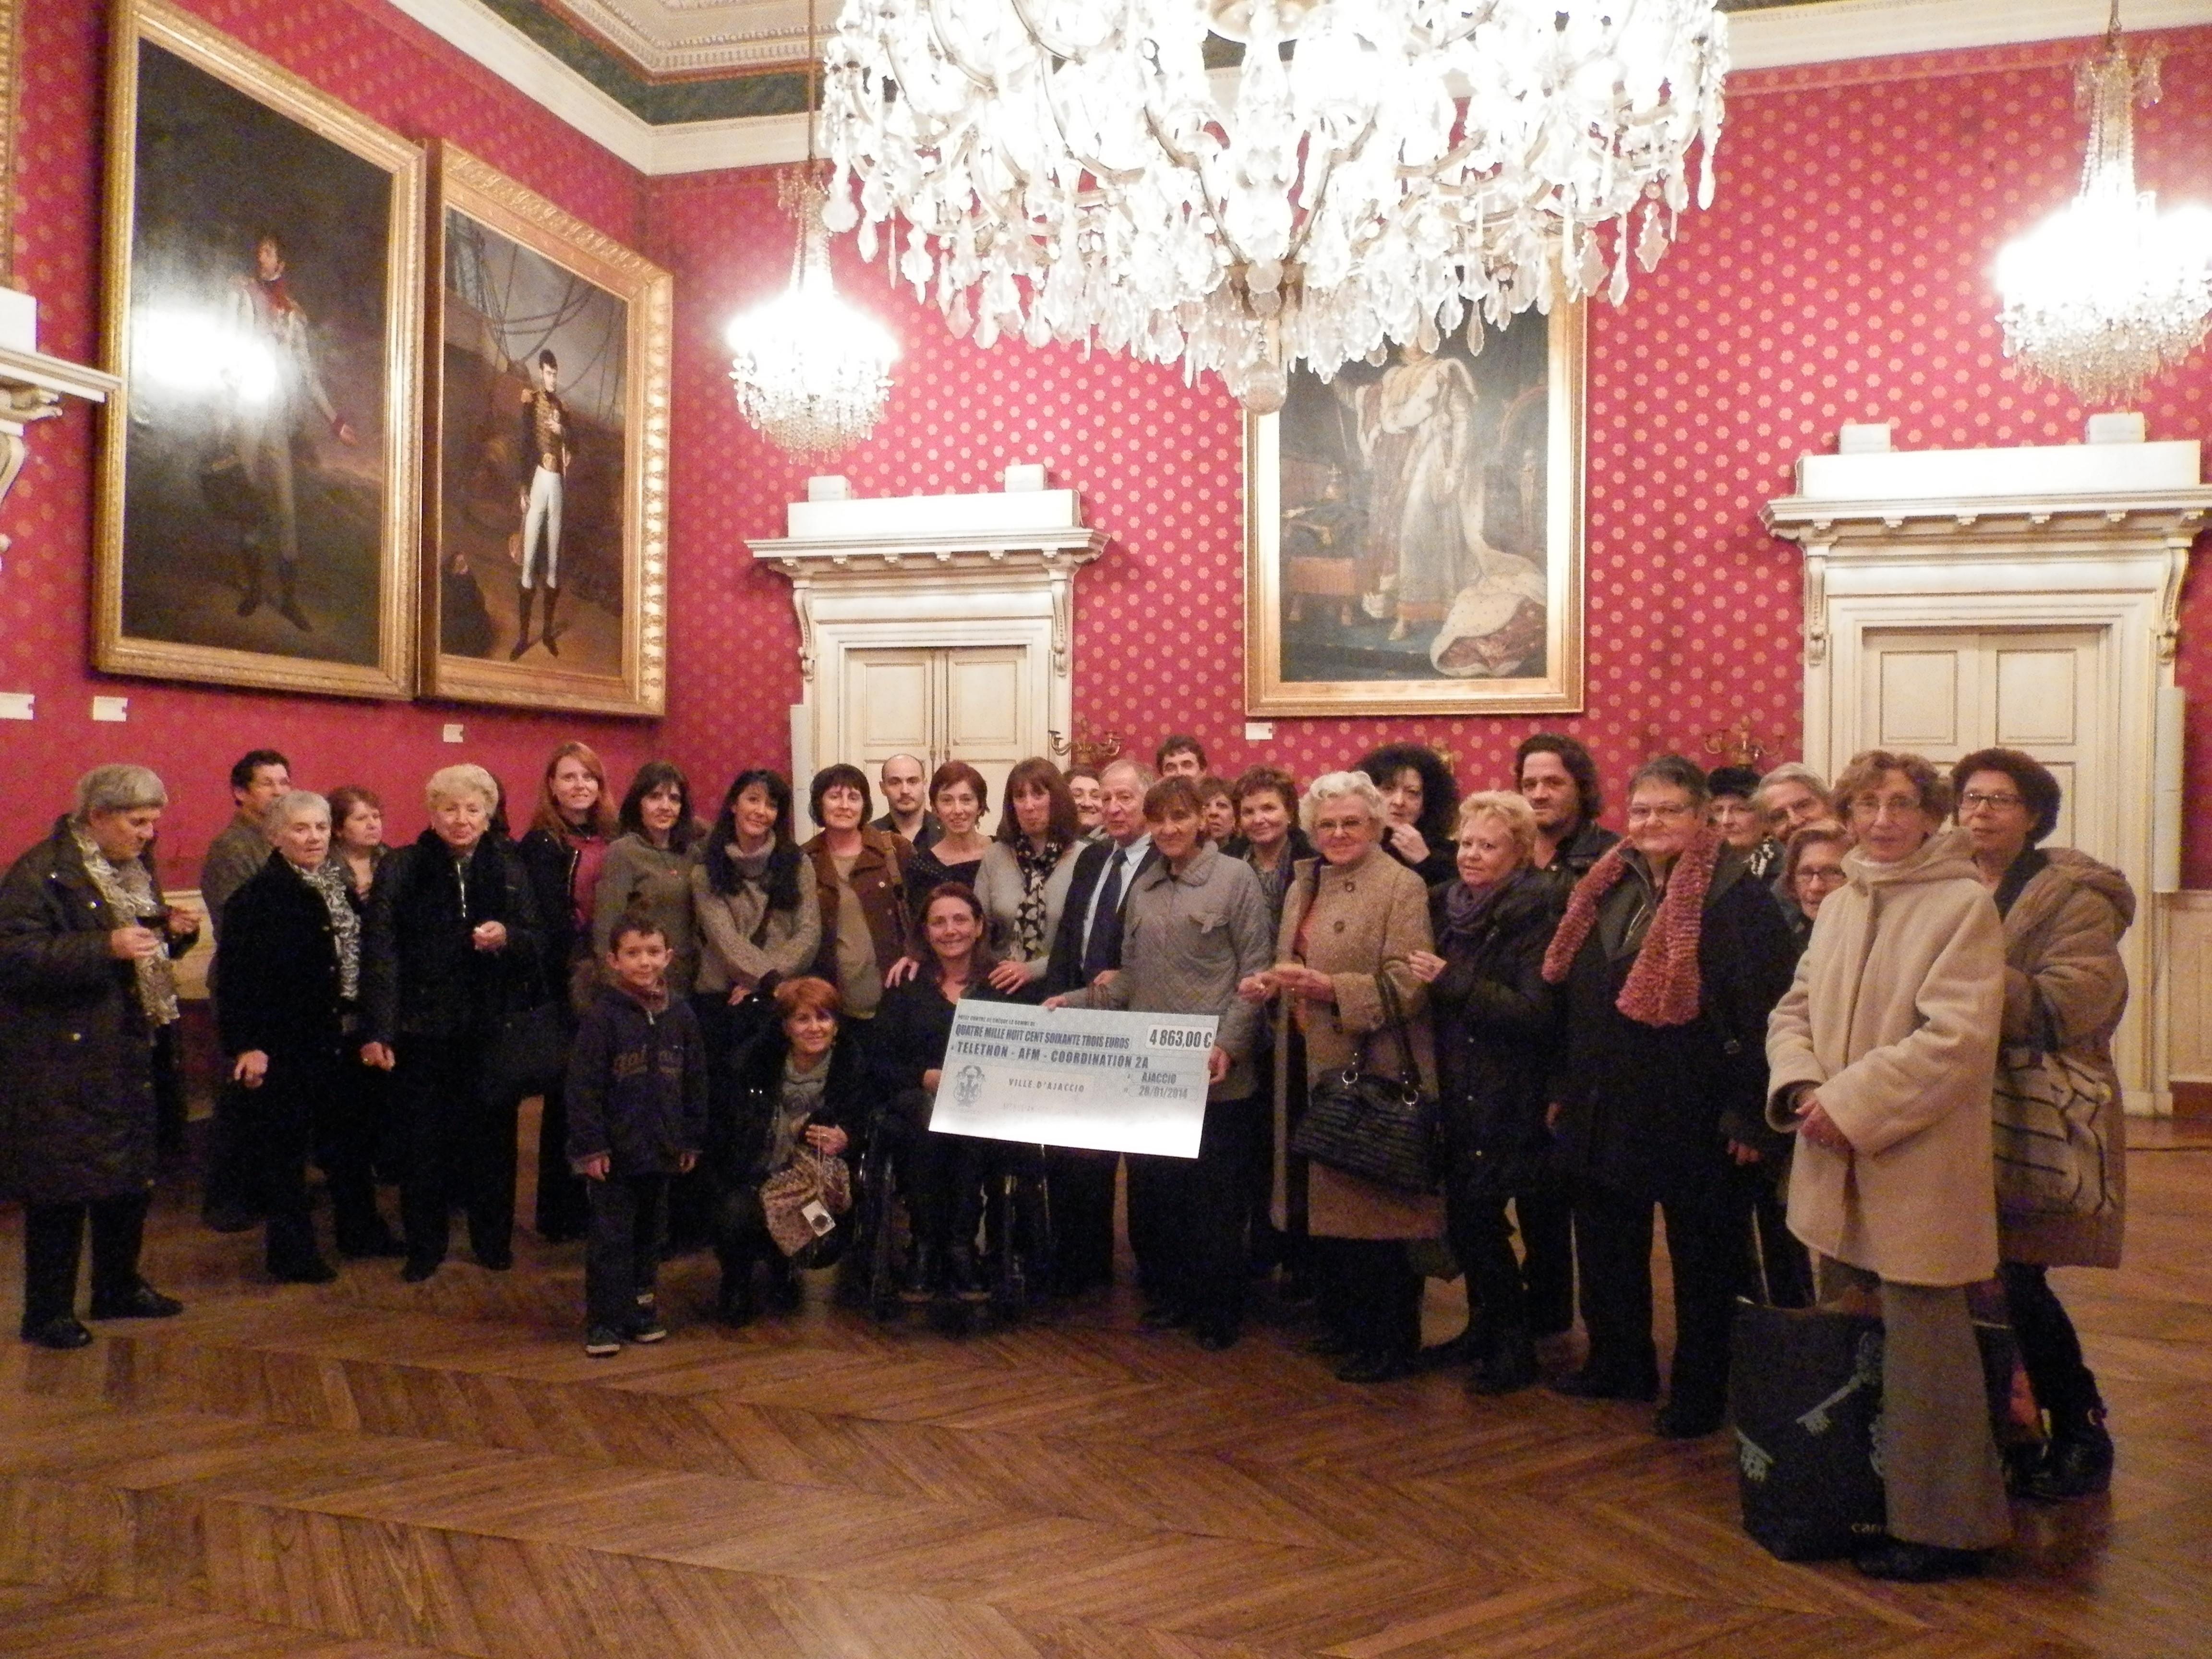 Les actions de la Ville d'Ajaccio ont rapporté 4 863 € au Téléthon 2013